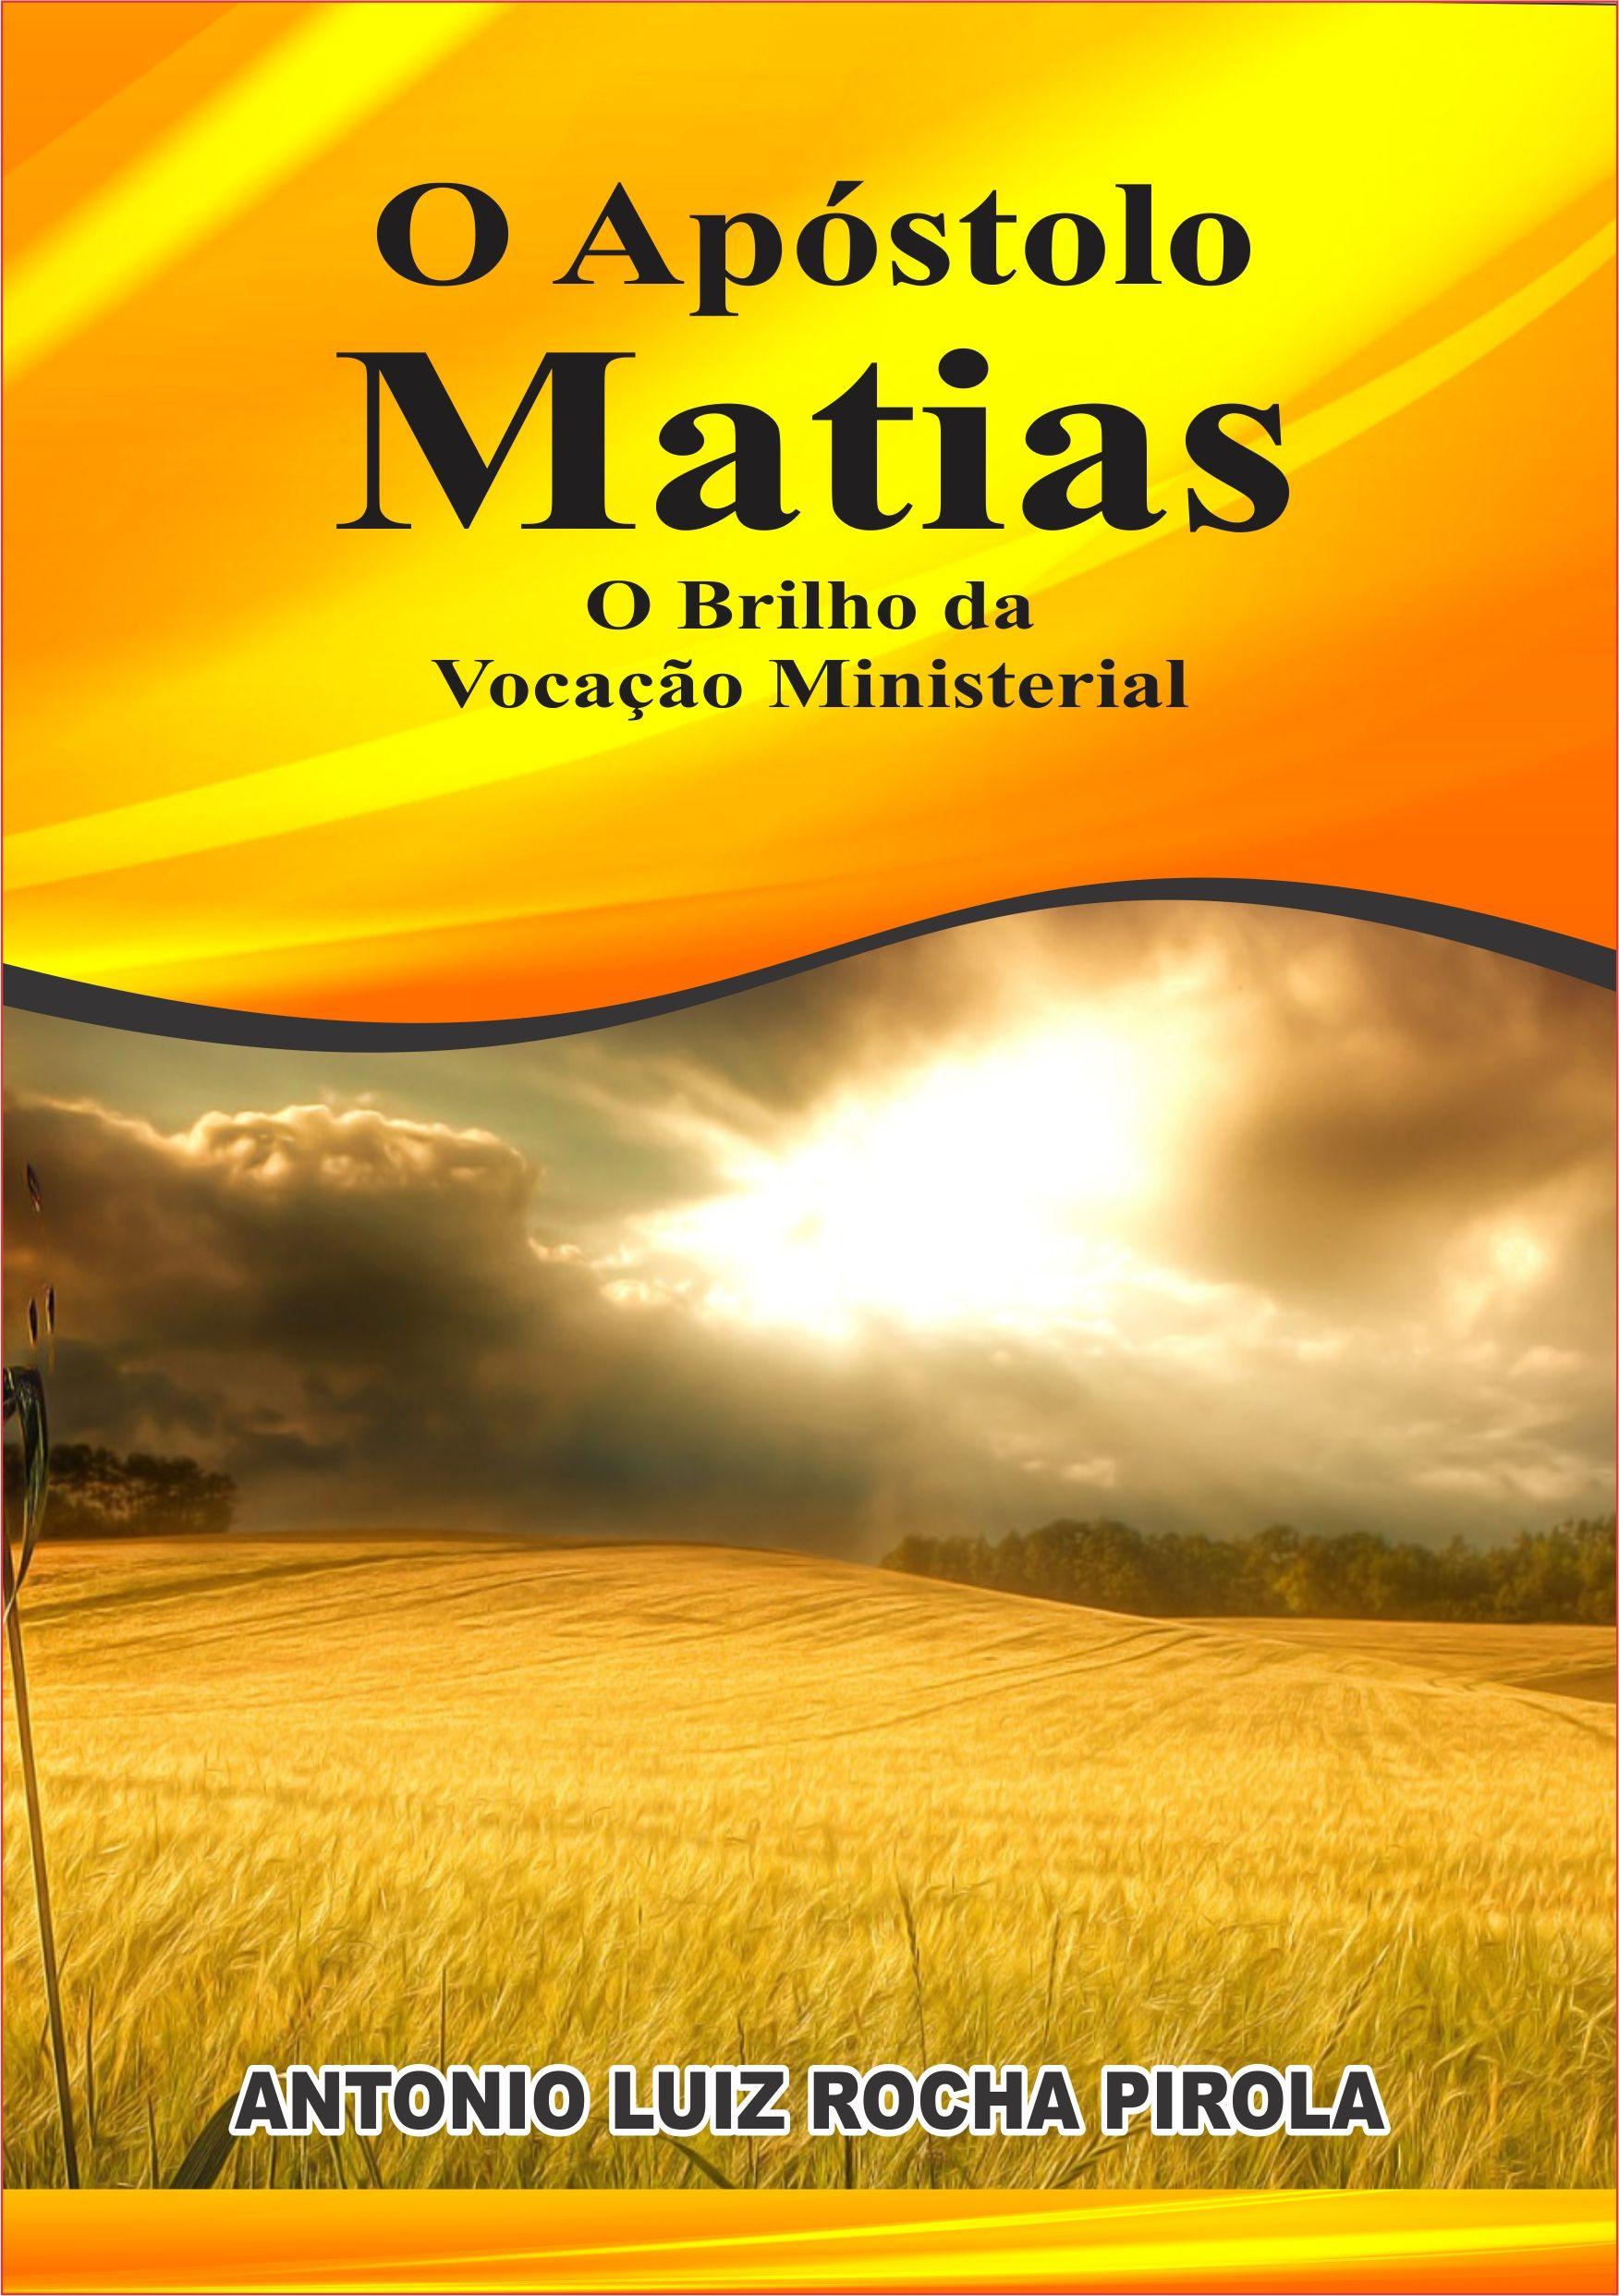 O APÓSTOLO MATIAS - O BRILHO DA VOCAÇÃO MINISTERIAL